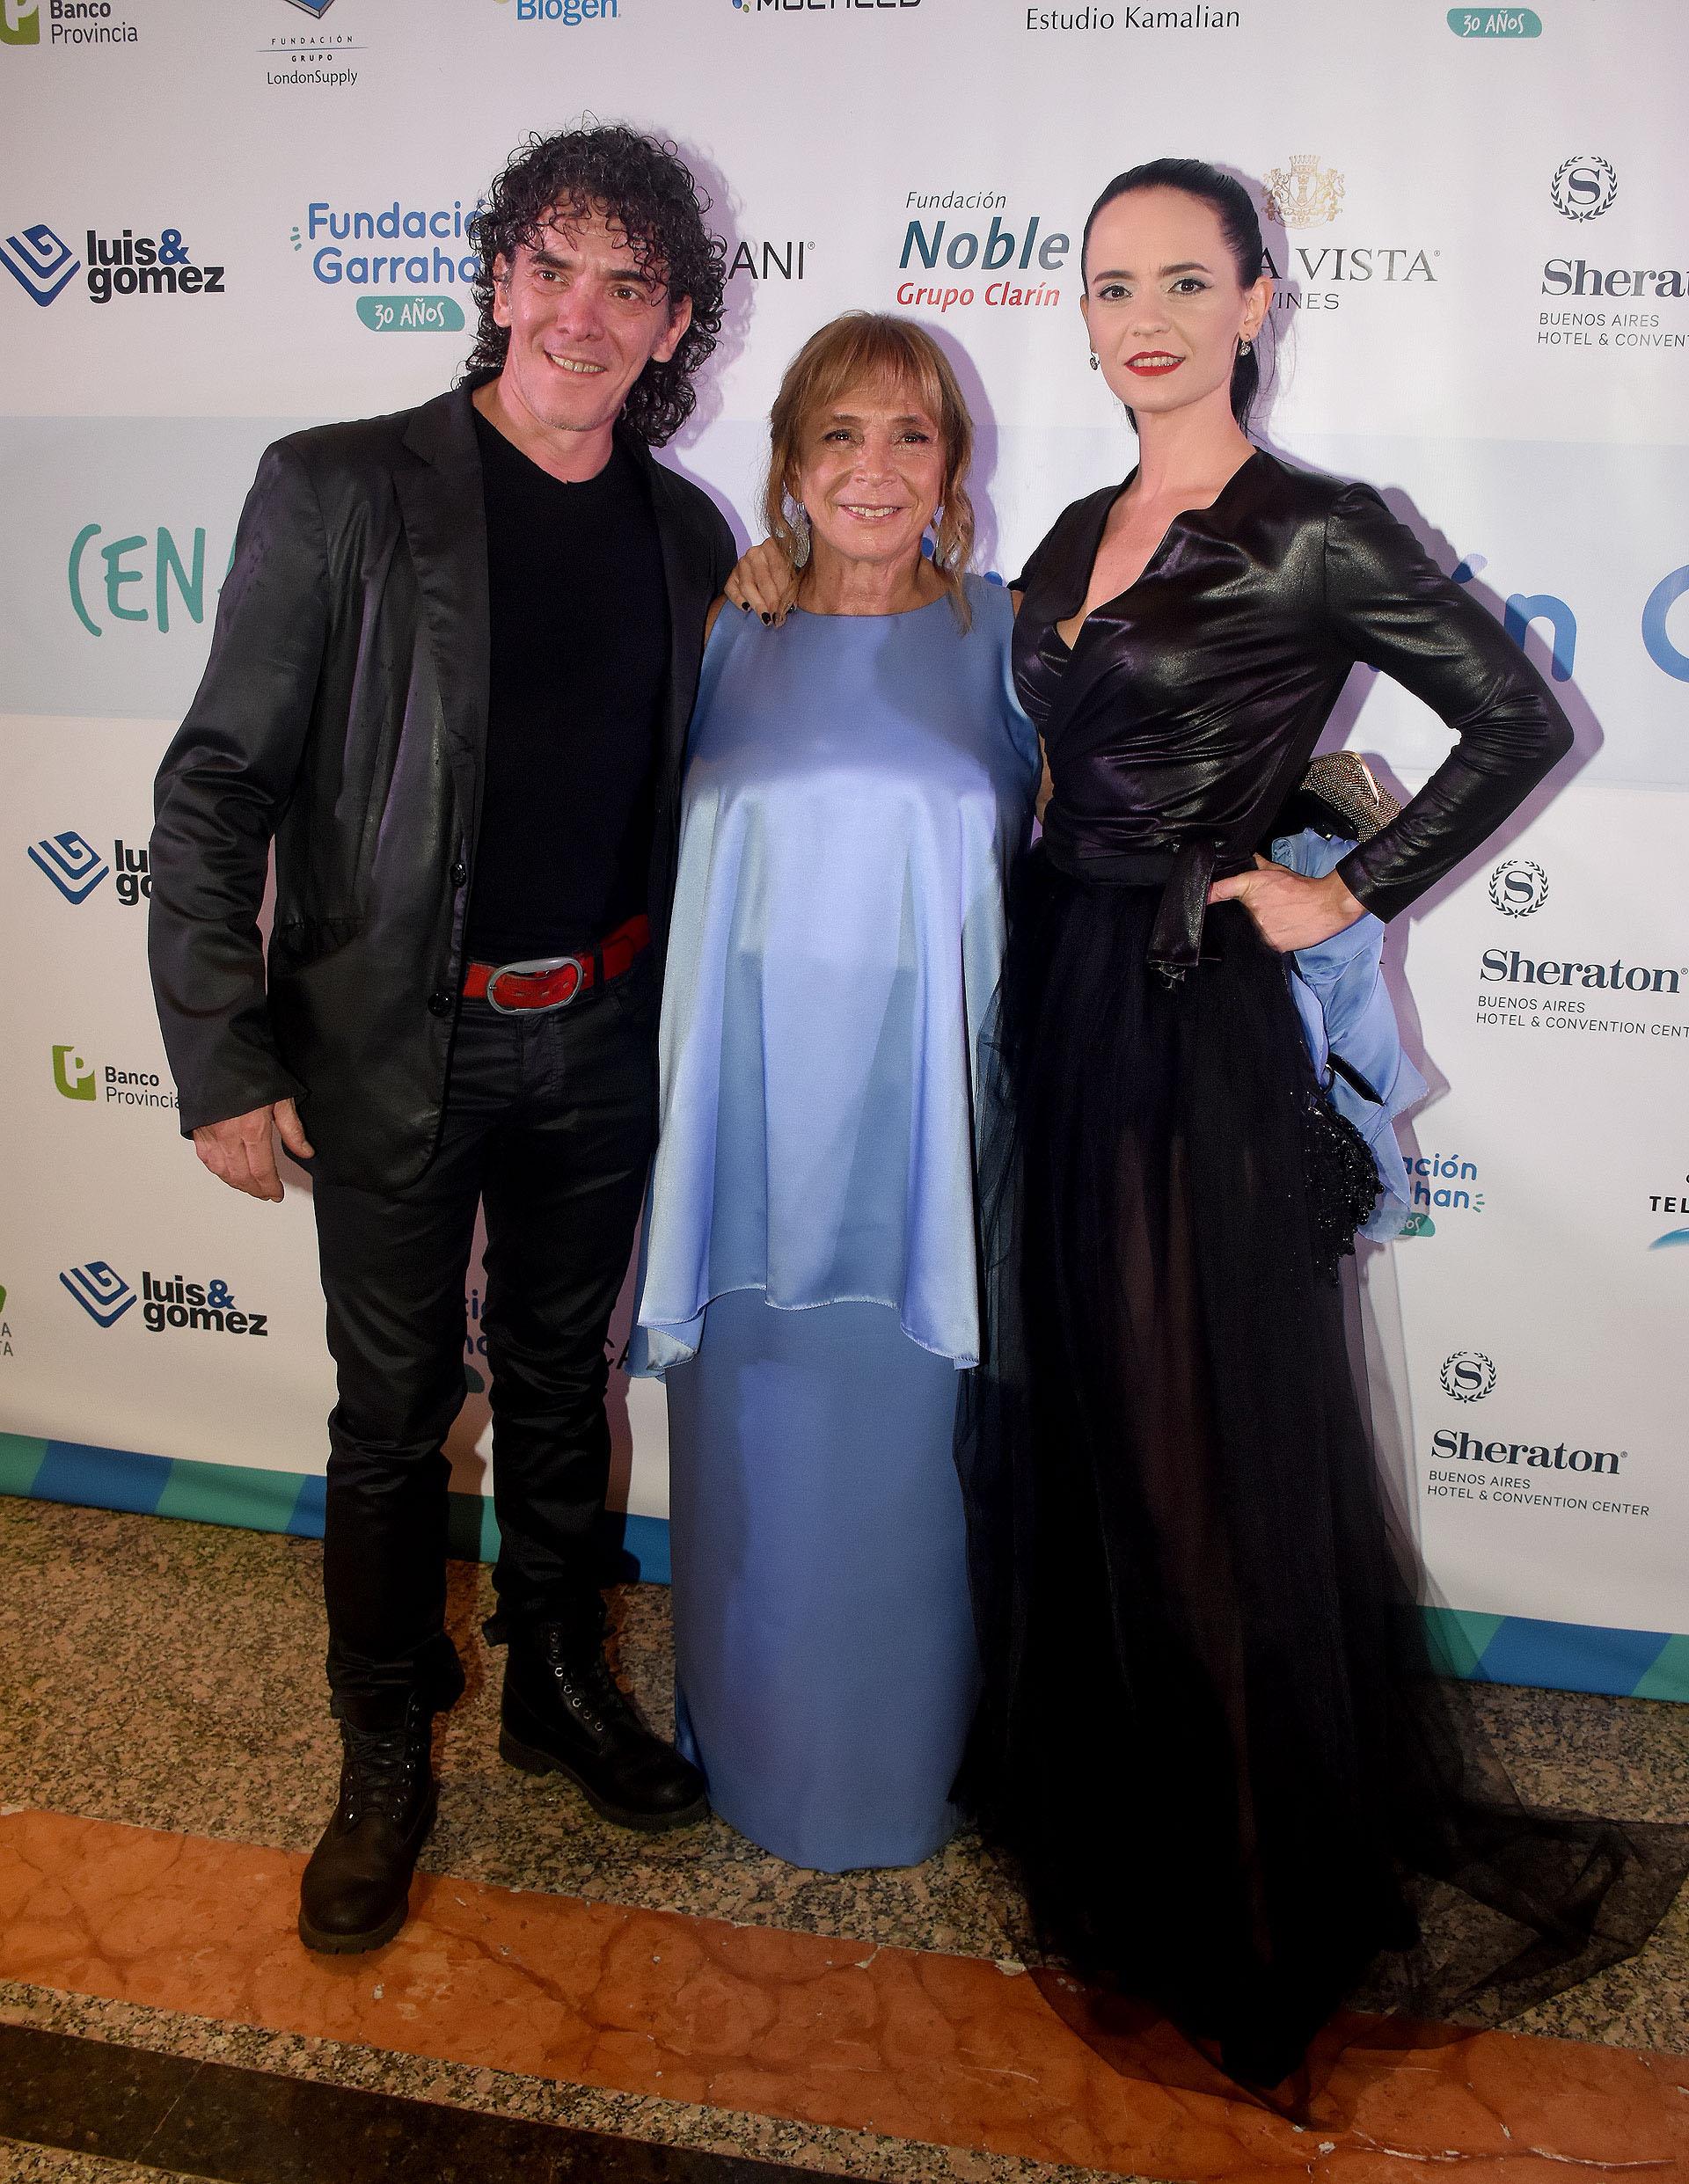 Maxiliano Guerra y su mujer Gabriela Baca Urquiza junto a Beatriz Reznik